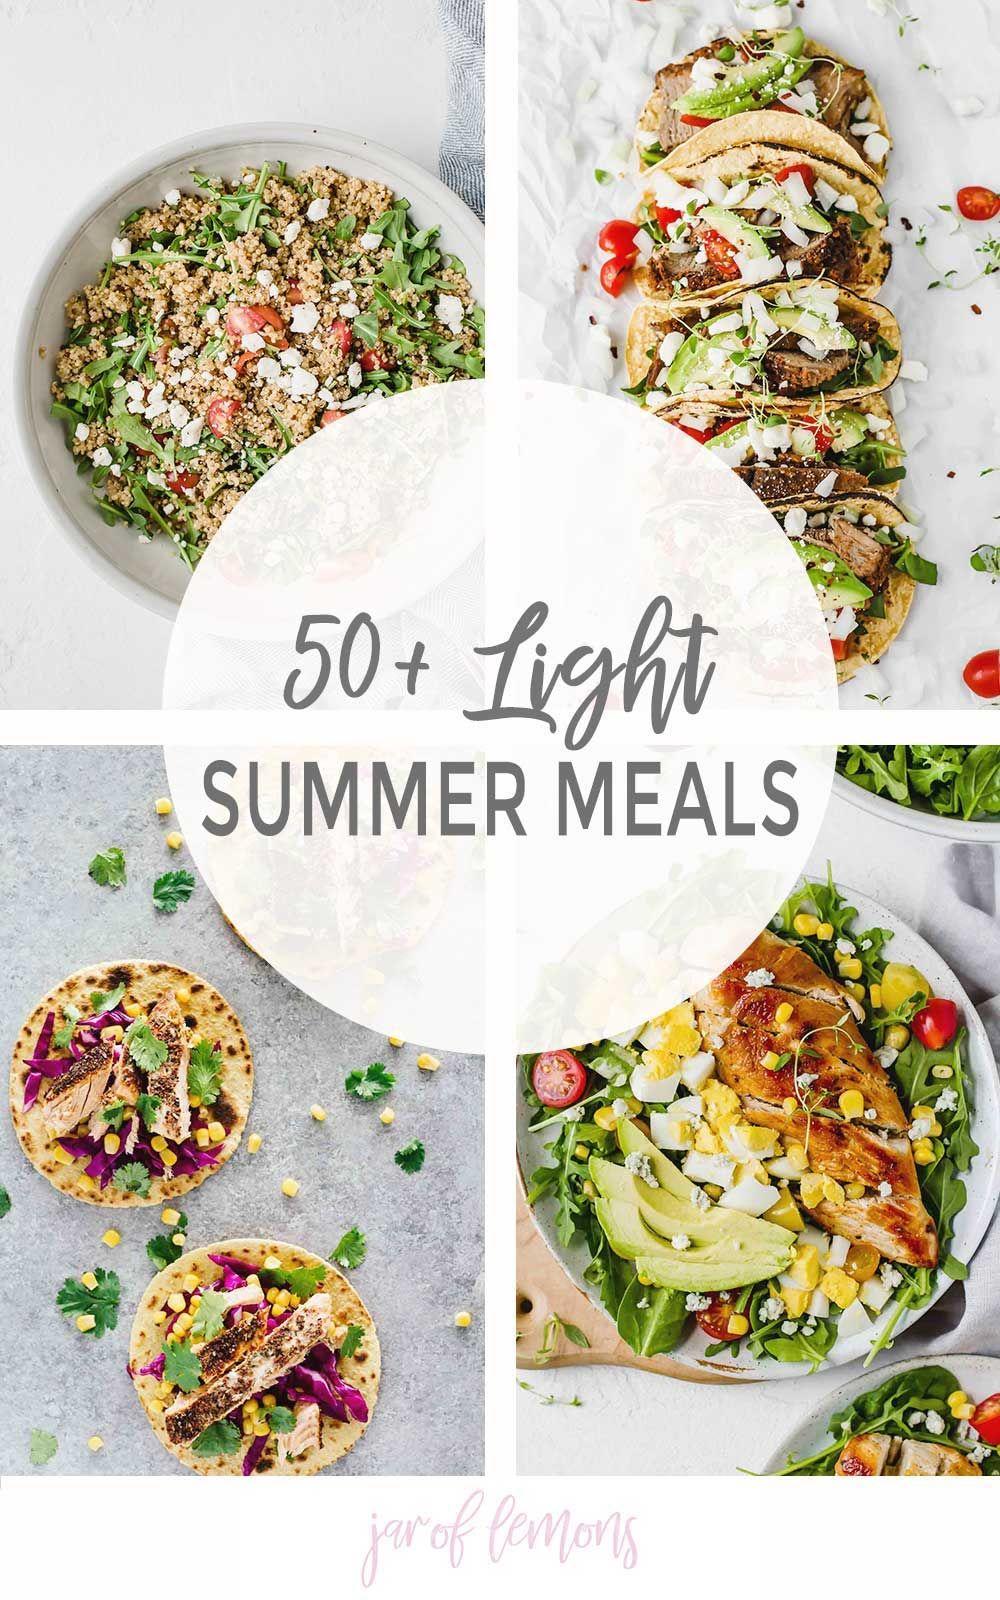 50+ Light Summer Meals images